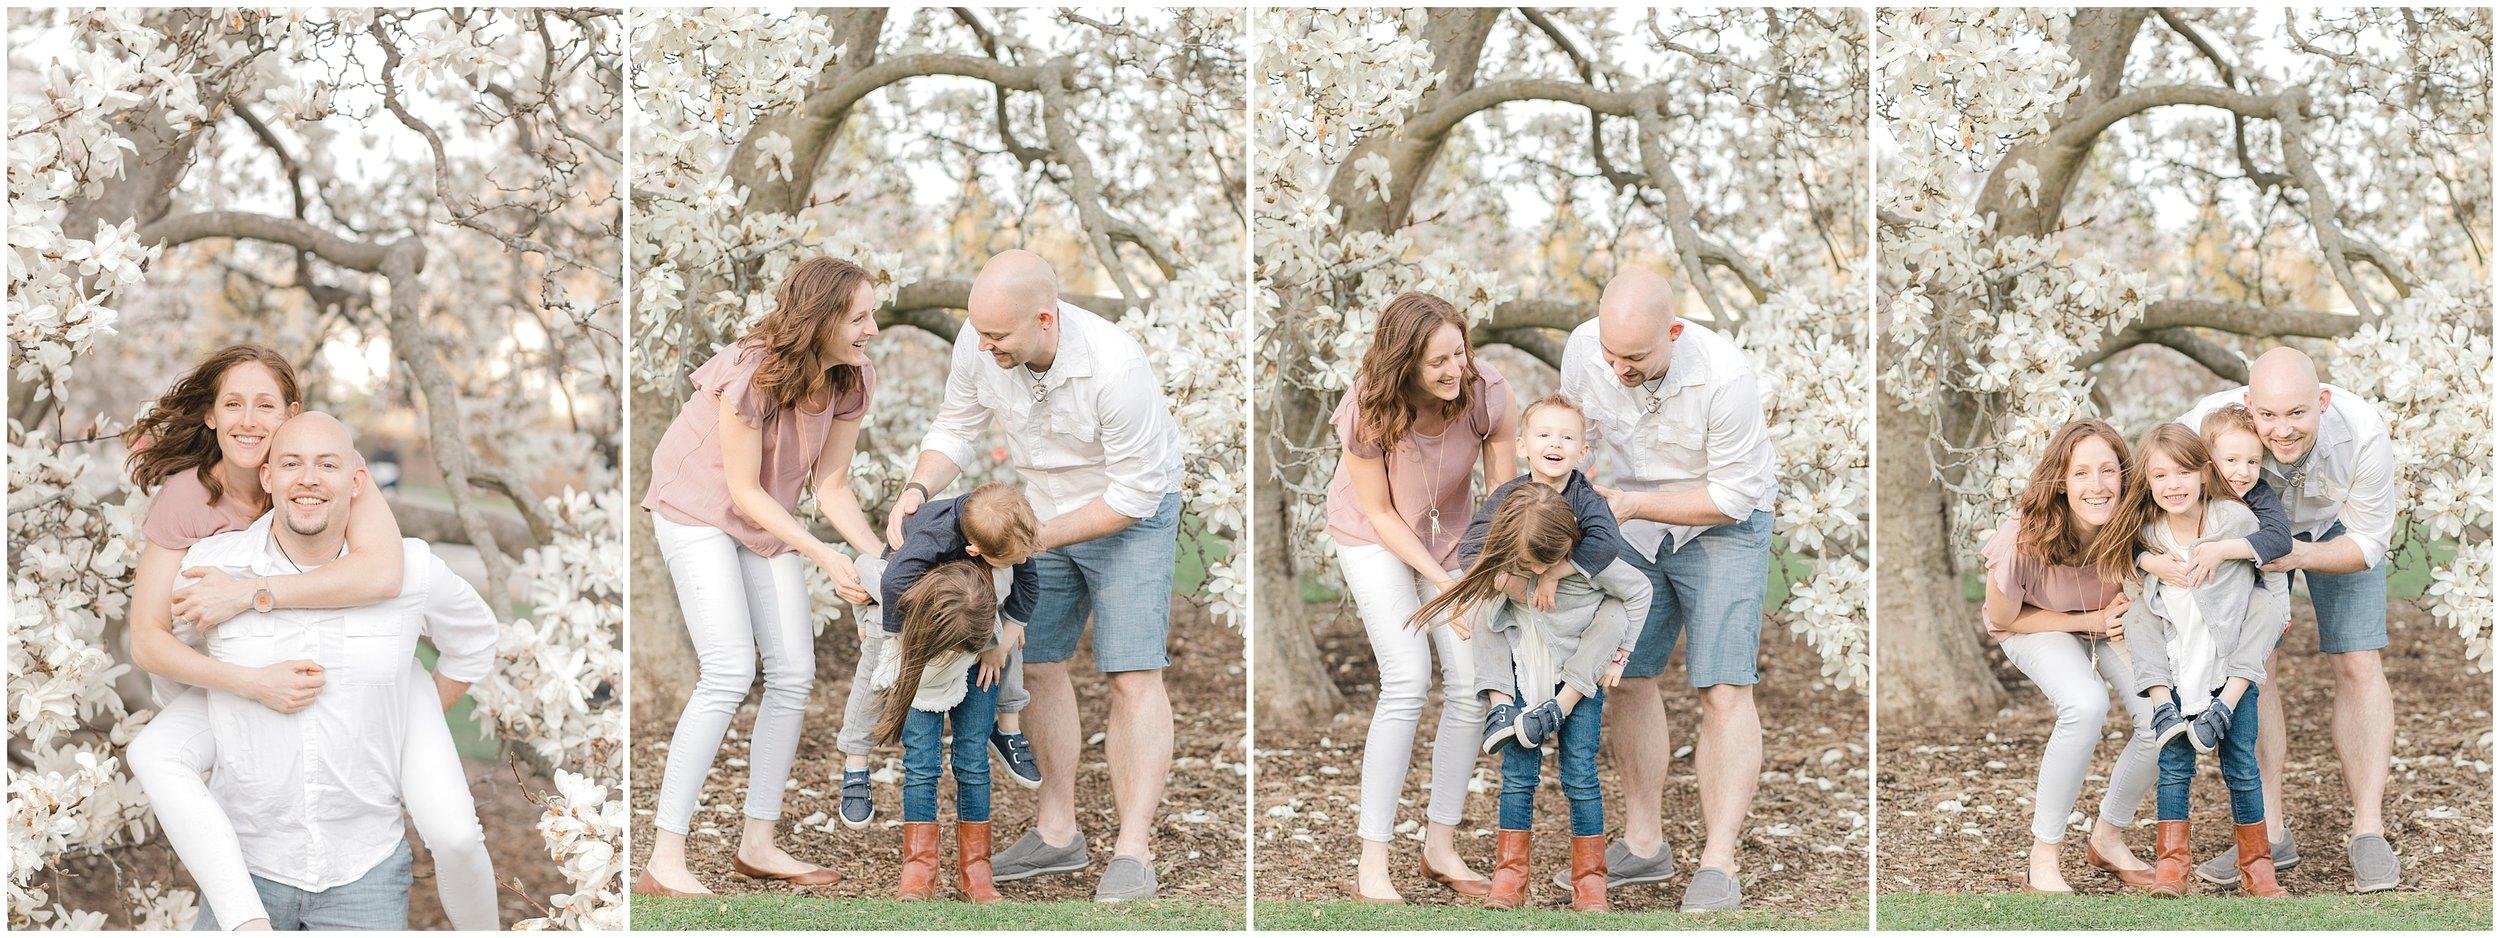 arnold arboretum spring family photos